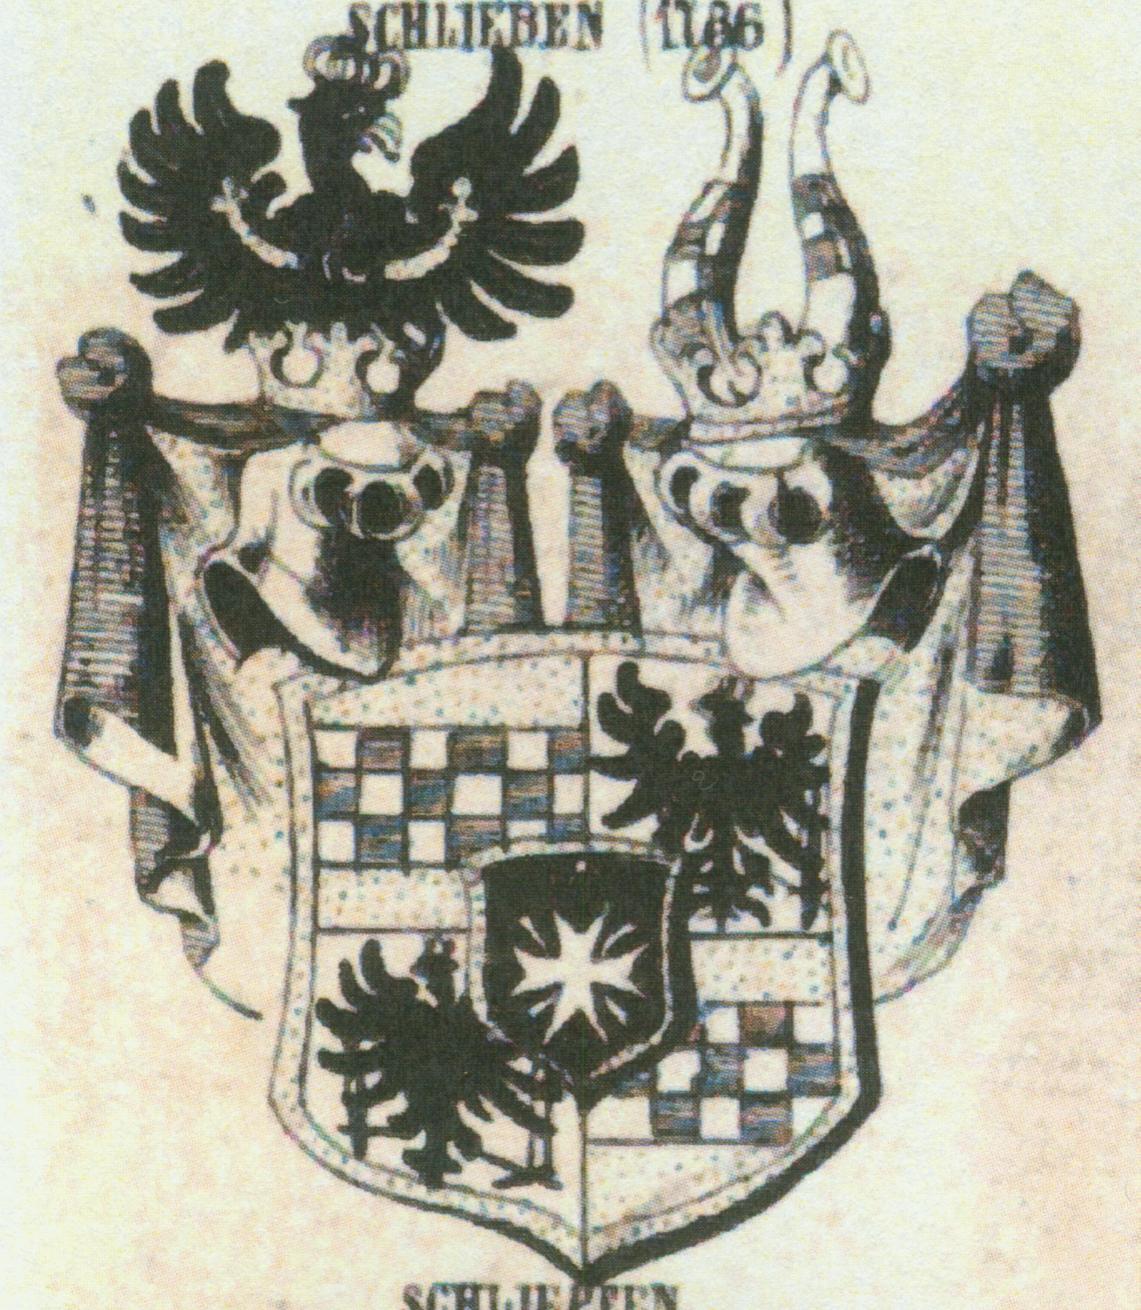 Schlieben 1786 (2)